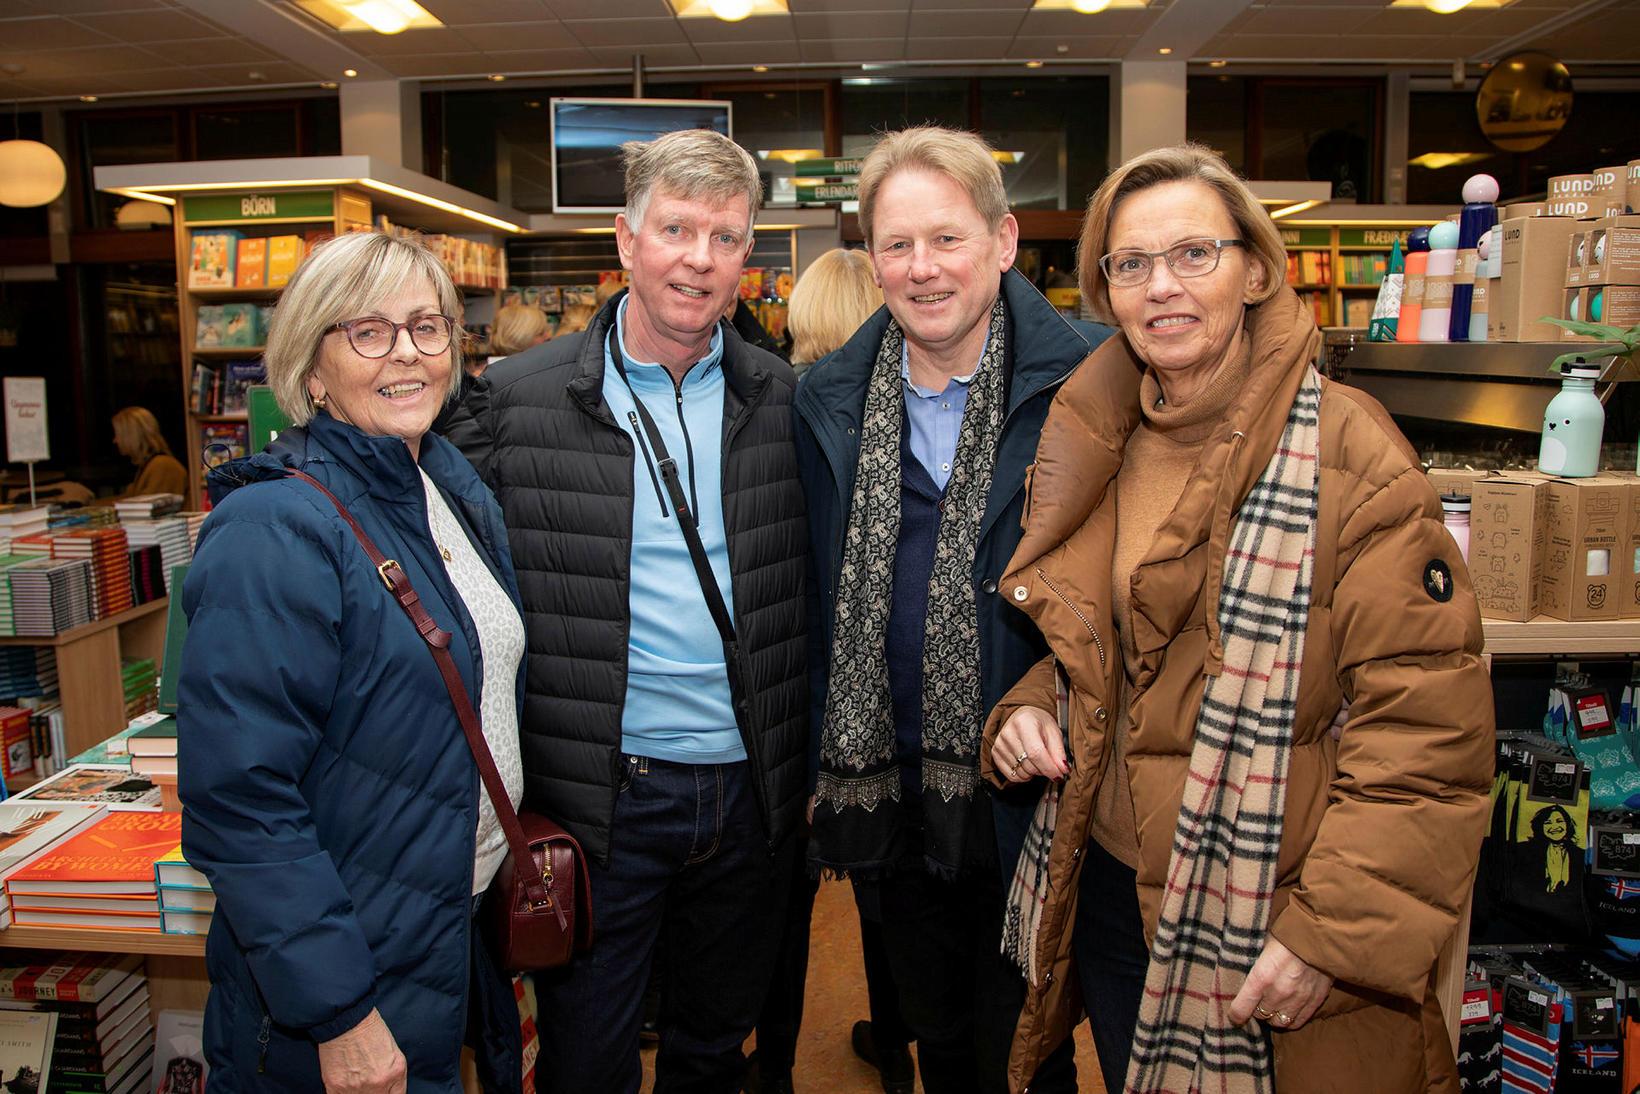 Hólmfríður Kristinsdóttir, Gunnar Karl Gunnlaugsson, Rúnar Geirmundsson og Kristin Sigurðardóttir.